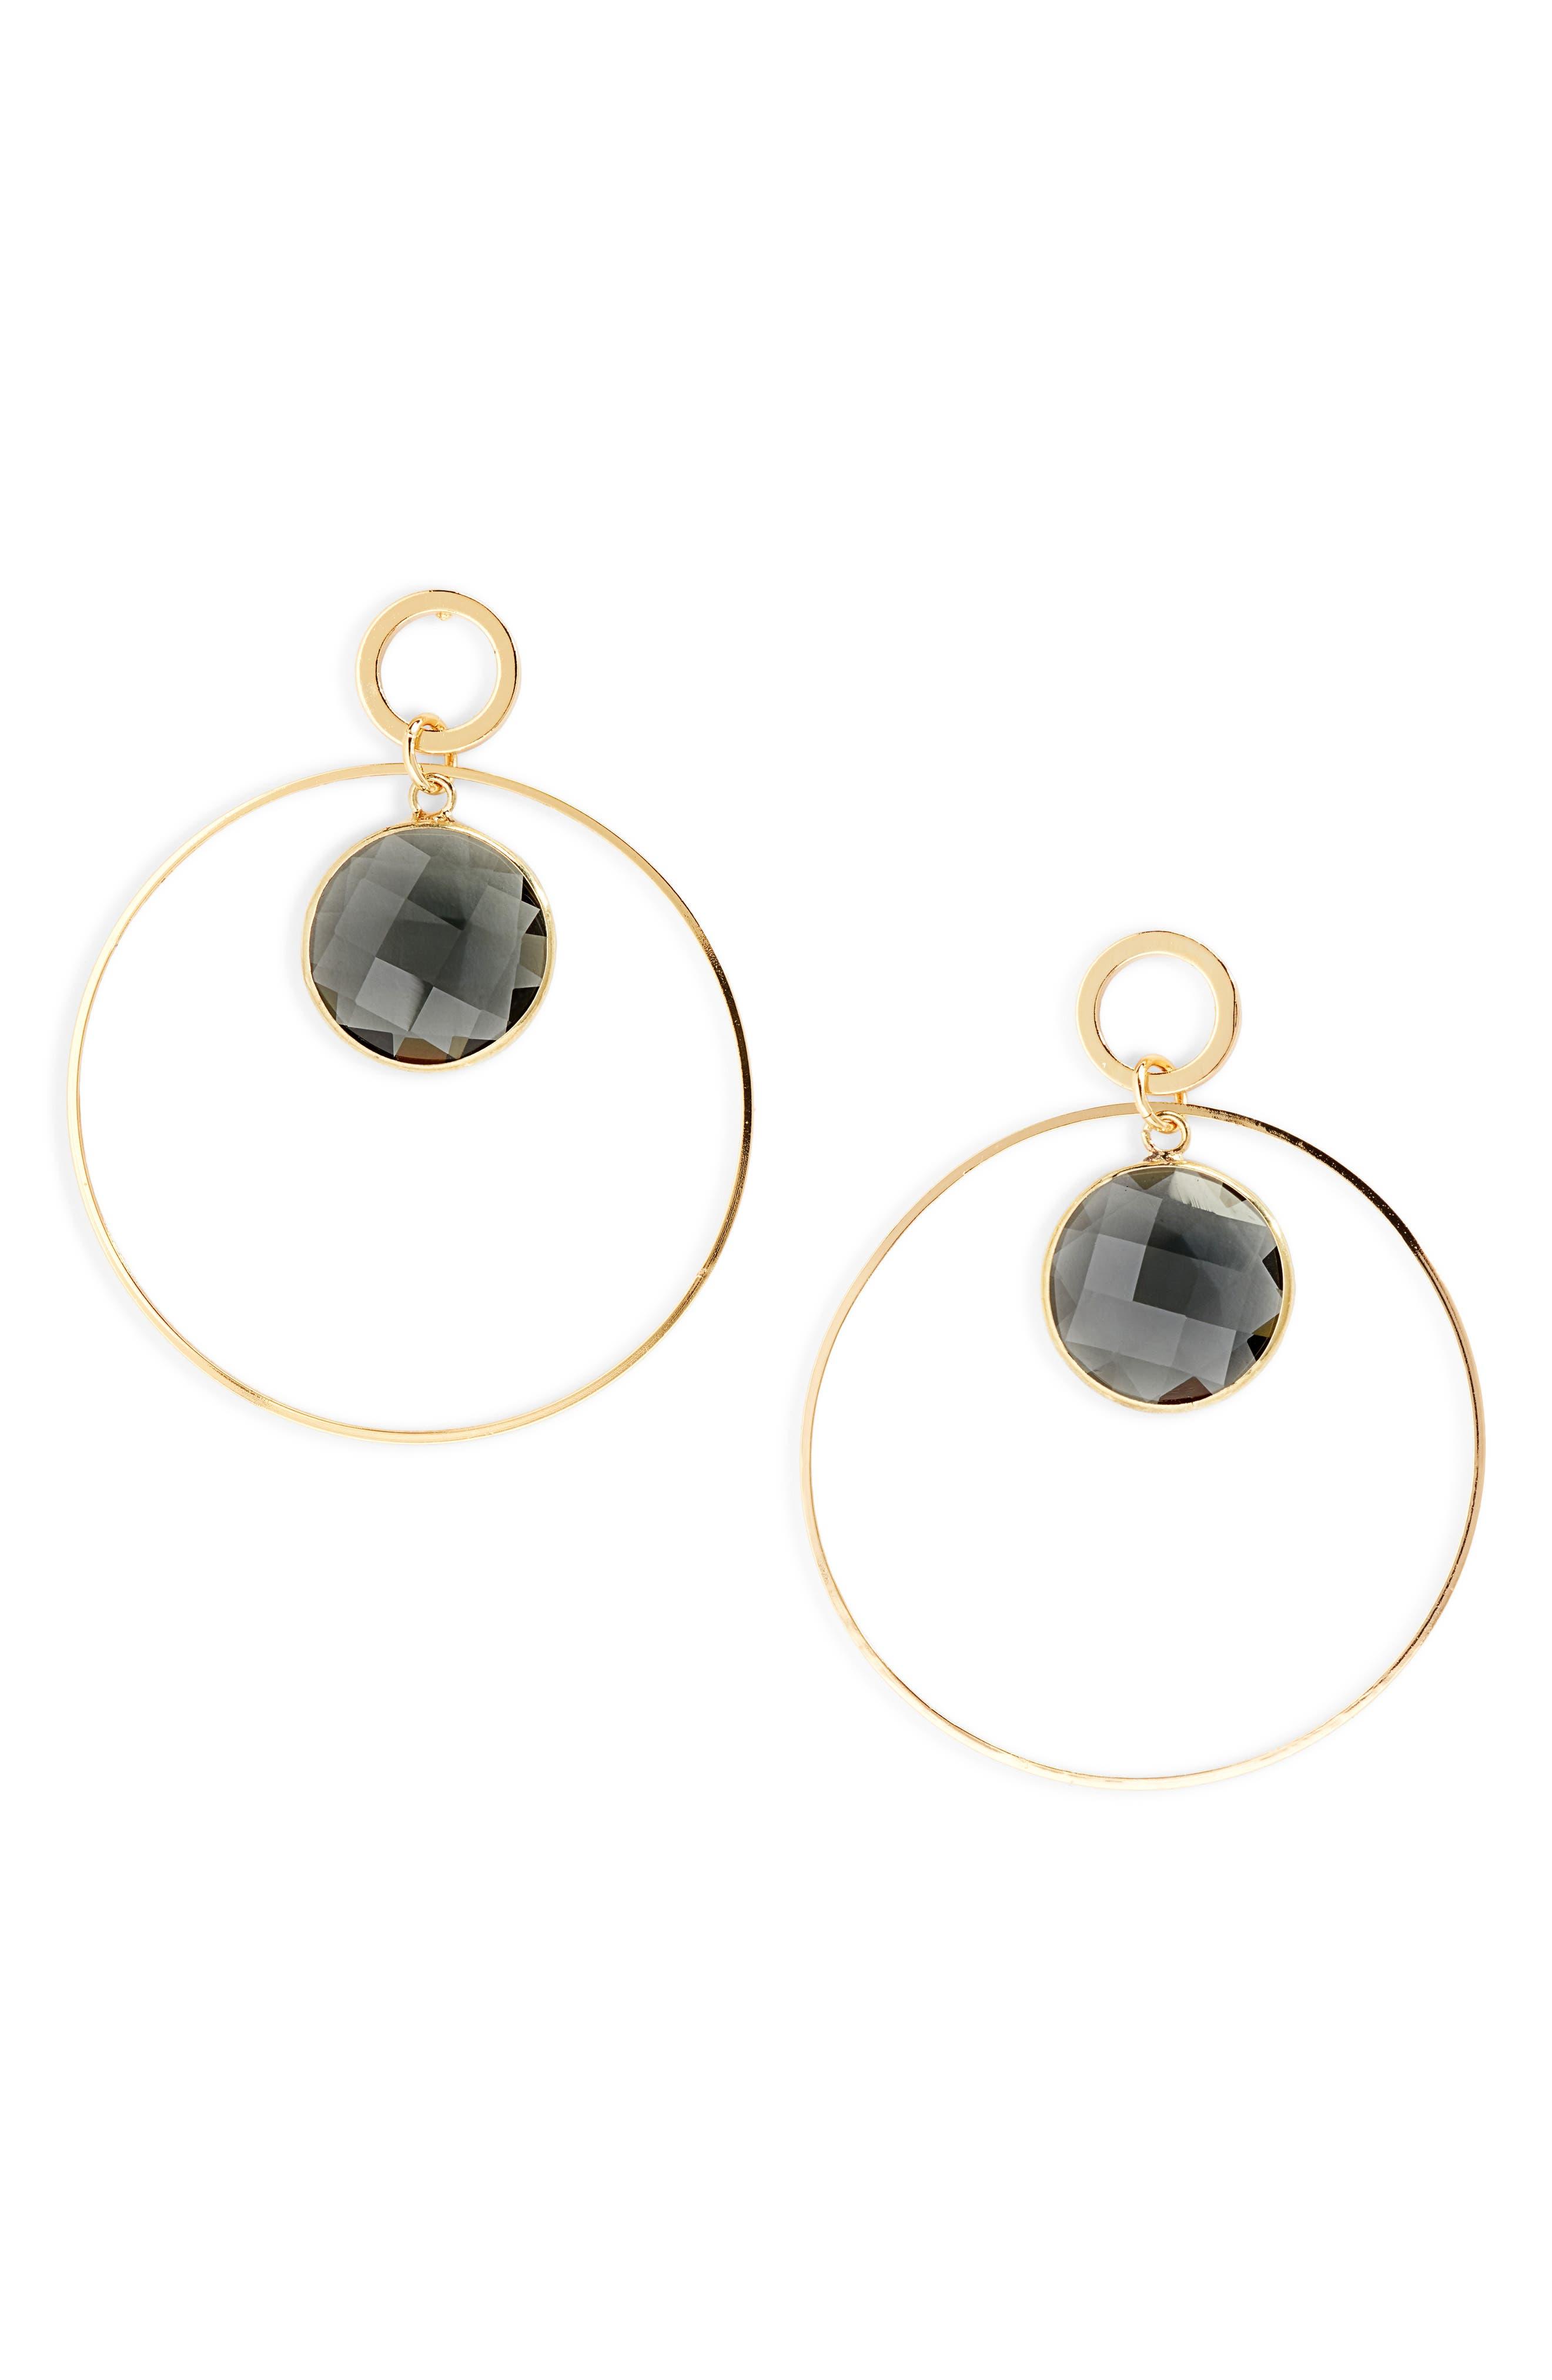 ELISE M. Crystal Hoop Earrings in Gold/ Grey